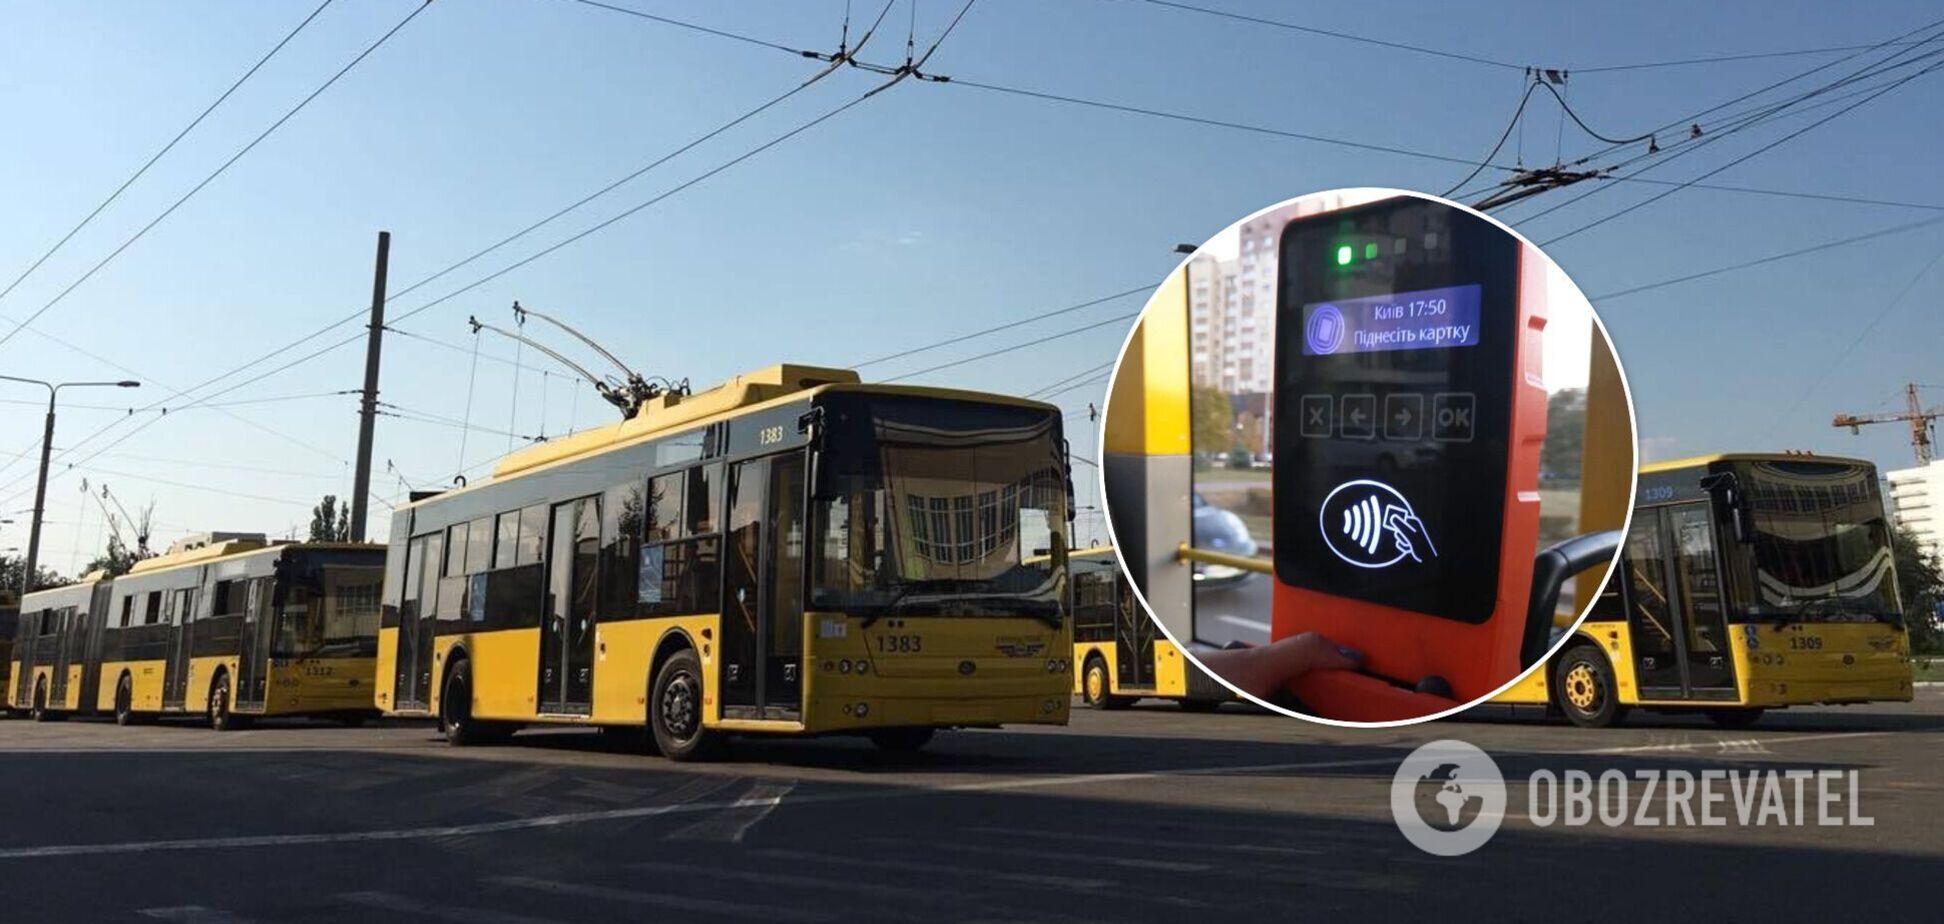 Інцидент стався на маршруті тролейбуса № 37